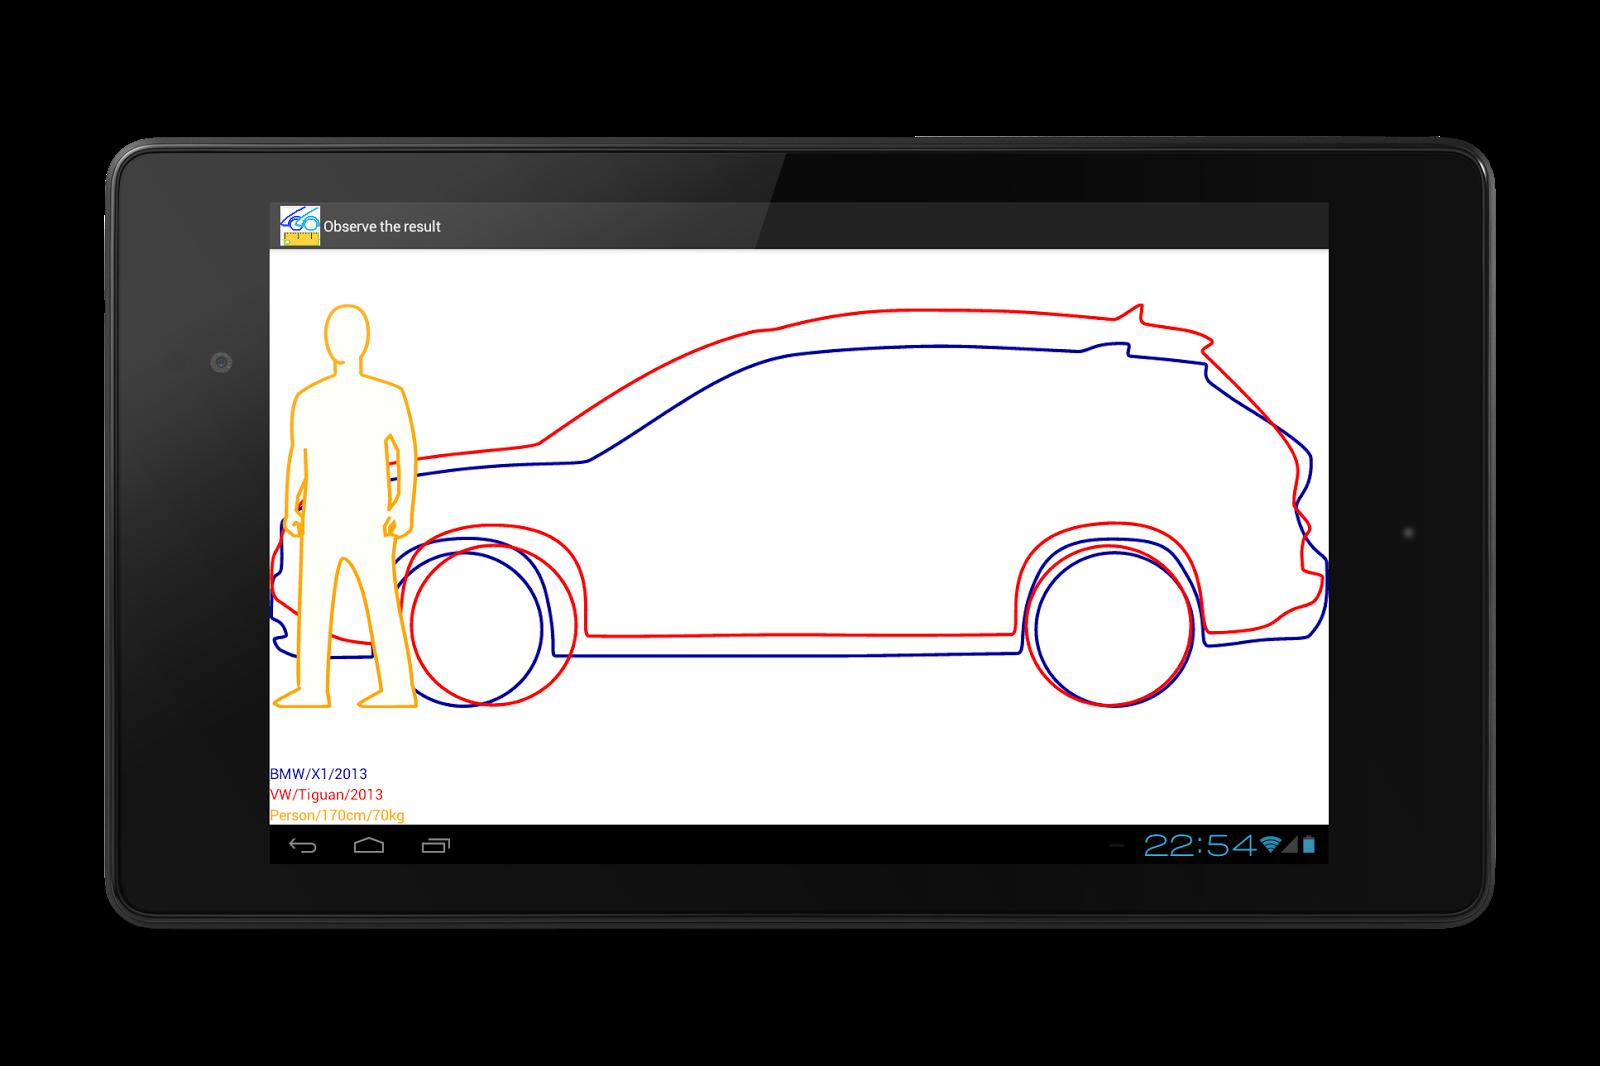 BMW X1 2013 vs VW Tiguan 2013 - Compare dimensions visually | www.car-compare.org. Compare car ...